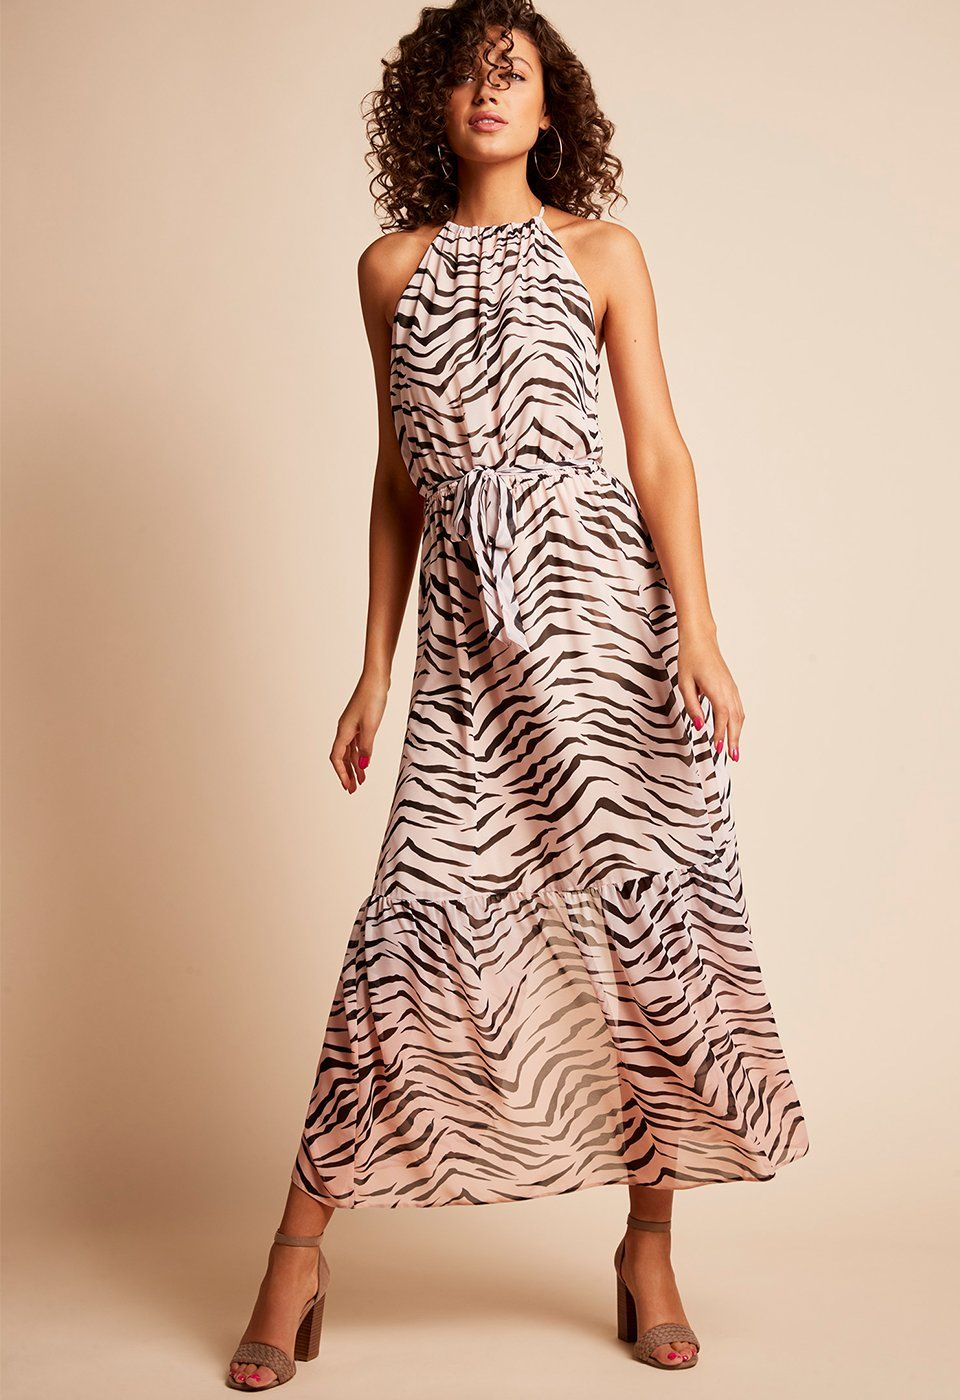 c55c4d65651b Maxi Dresses